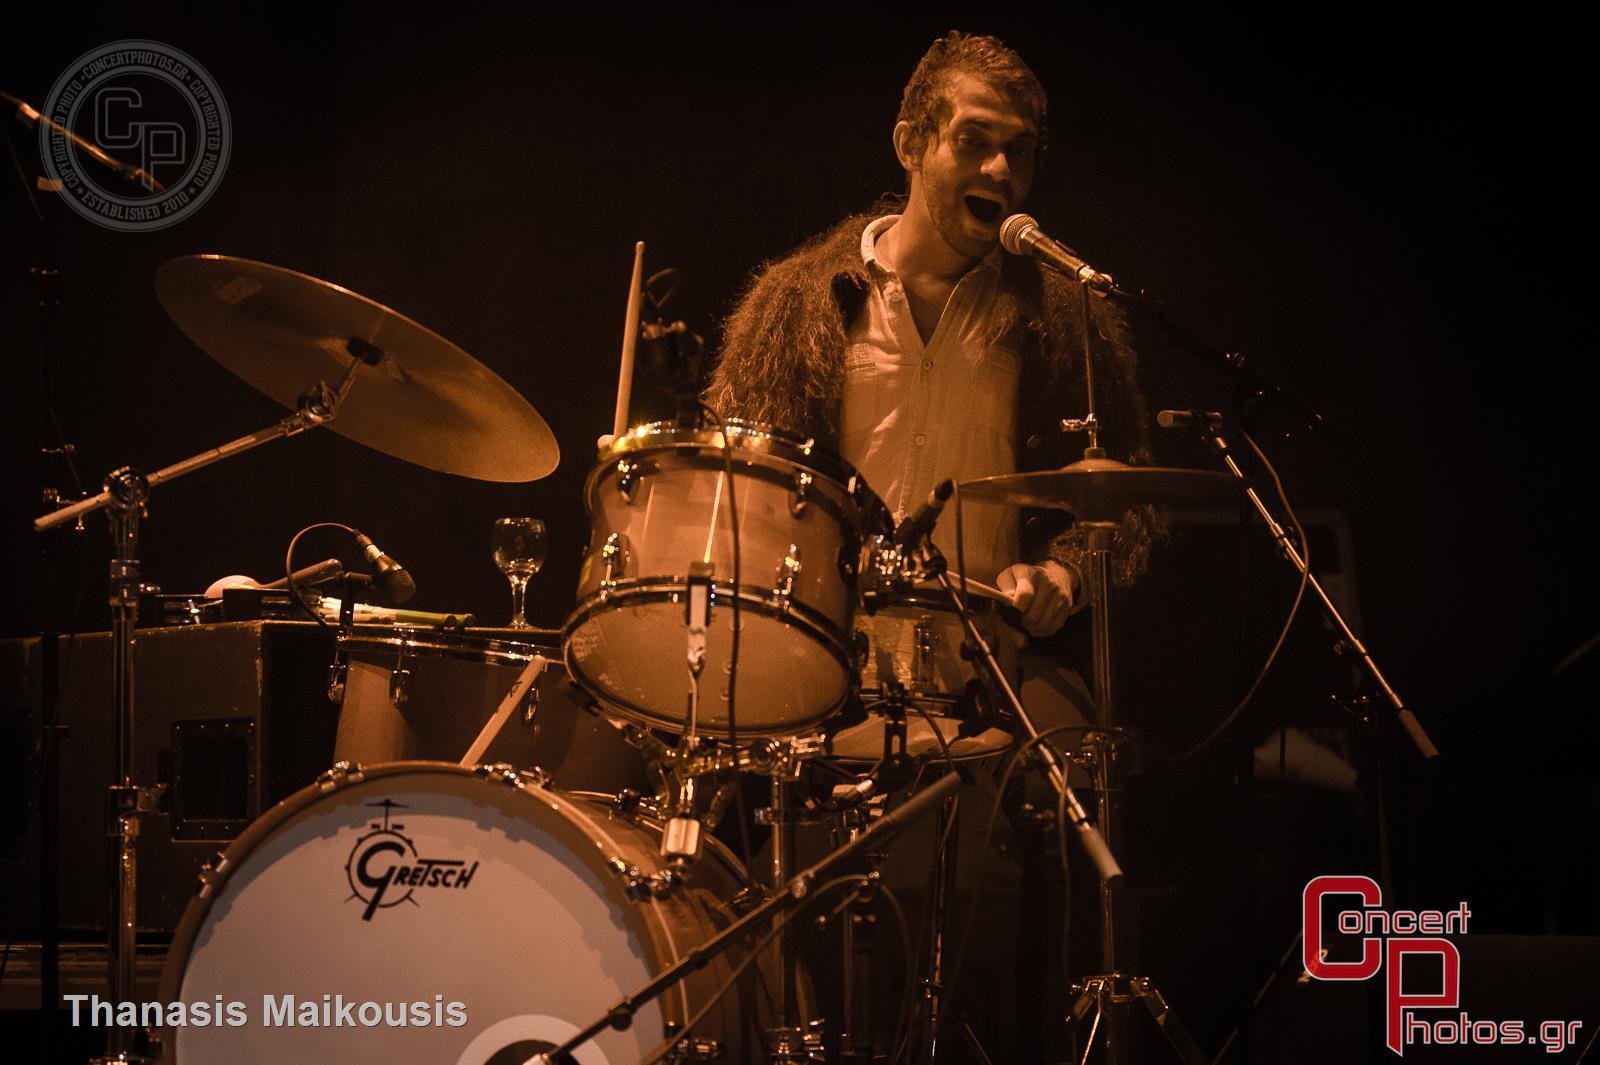 Allah Las & My Drunken Haze -Allah Las My Drunken Haze  photographer: Thanasis Maikousis - ConcertPhotos - 20141102_0024_48